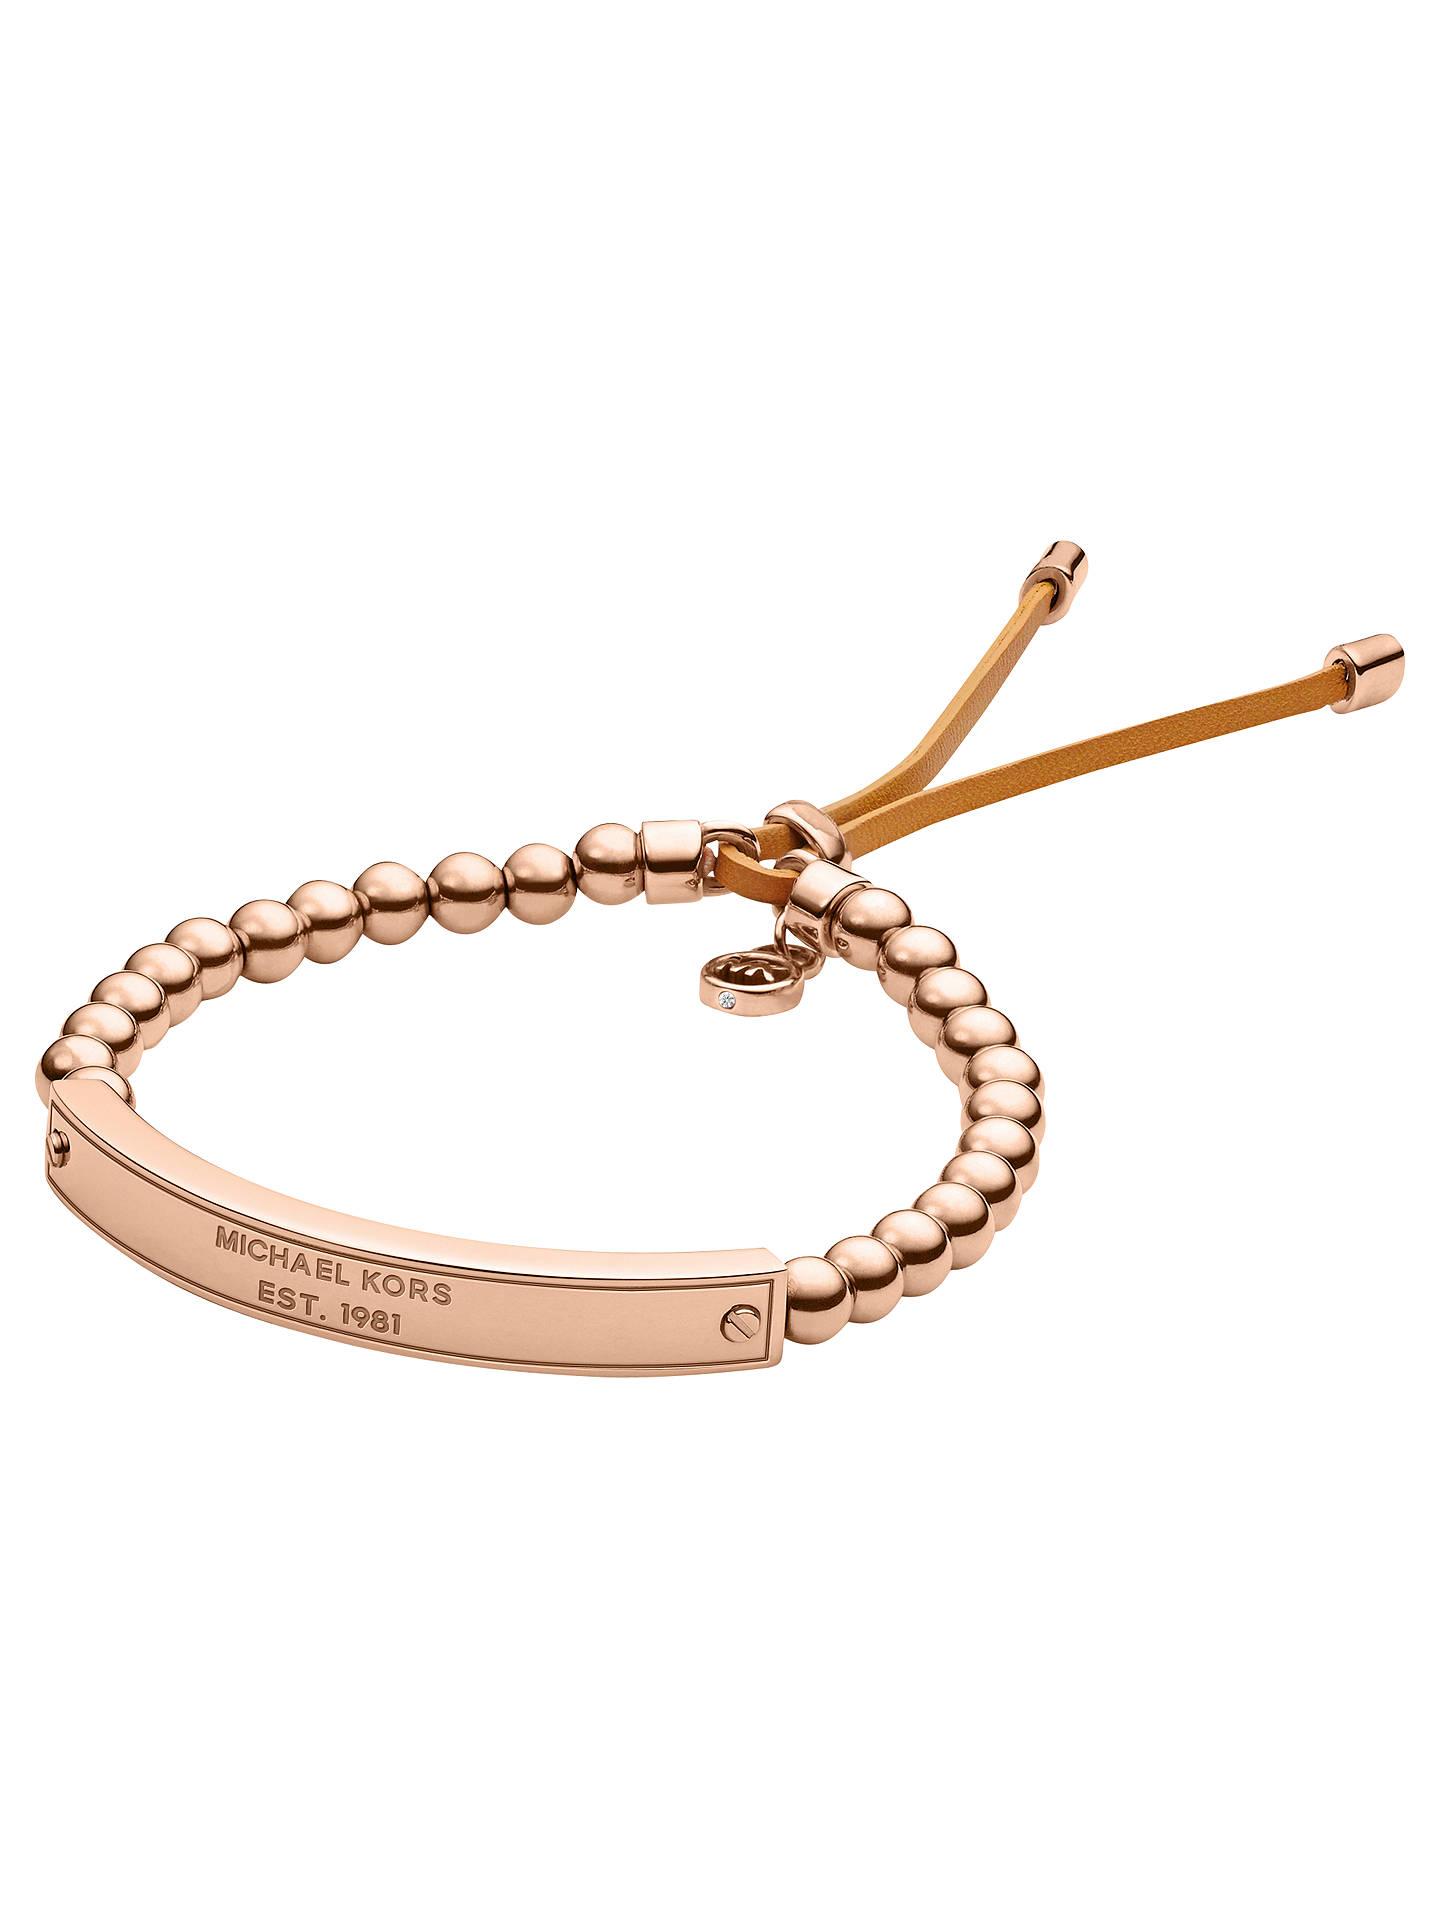 Michael Kors Plaque Stretch Bracelet At